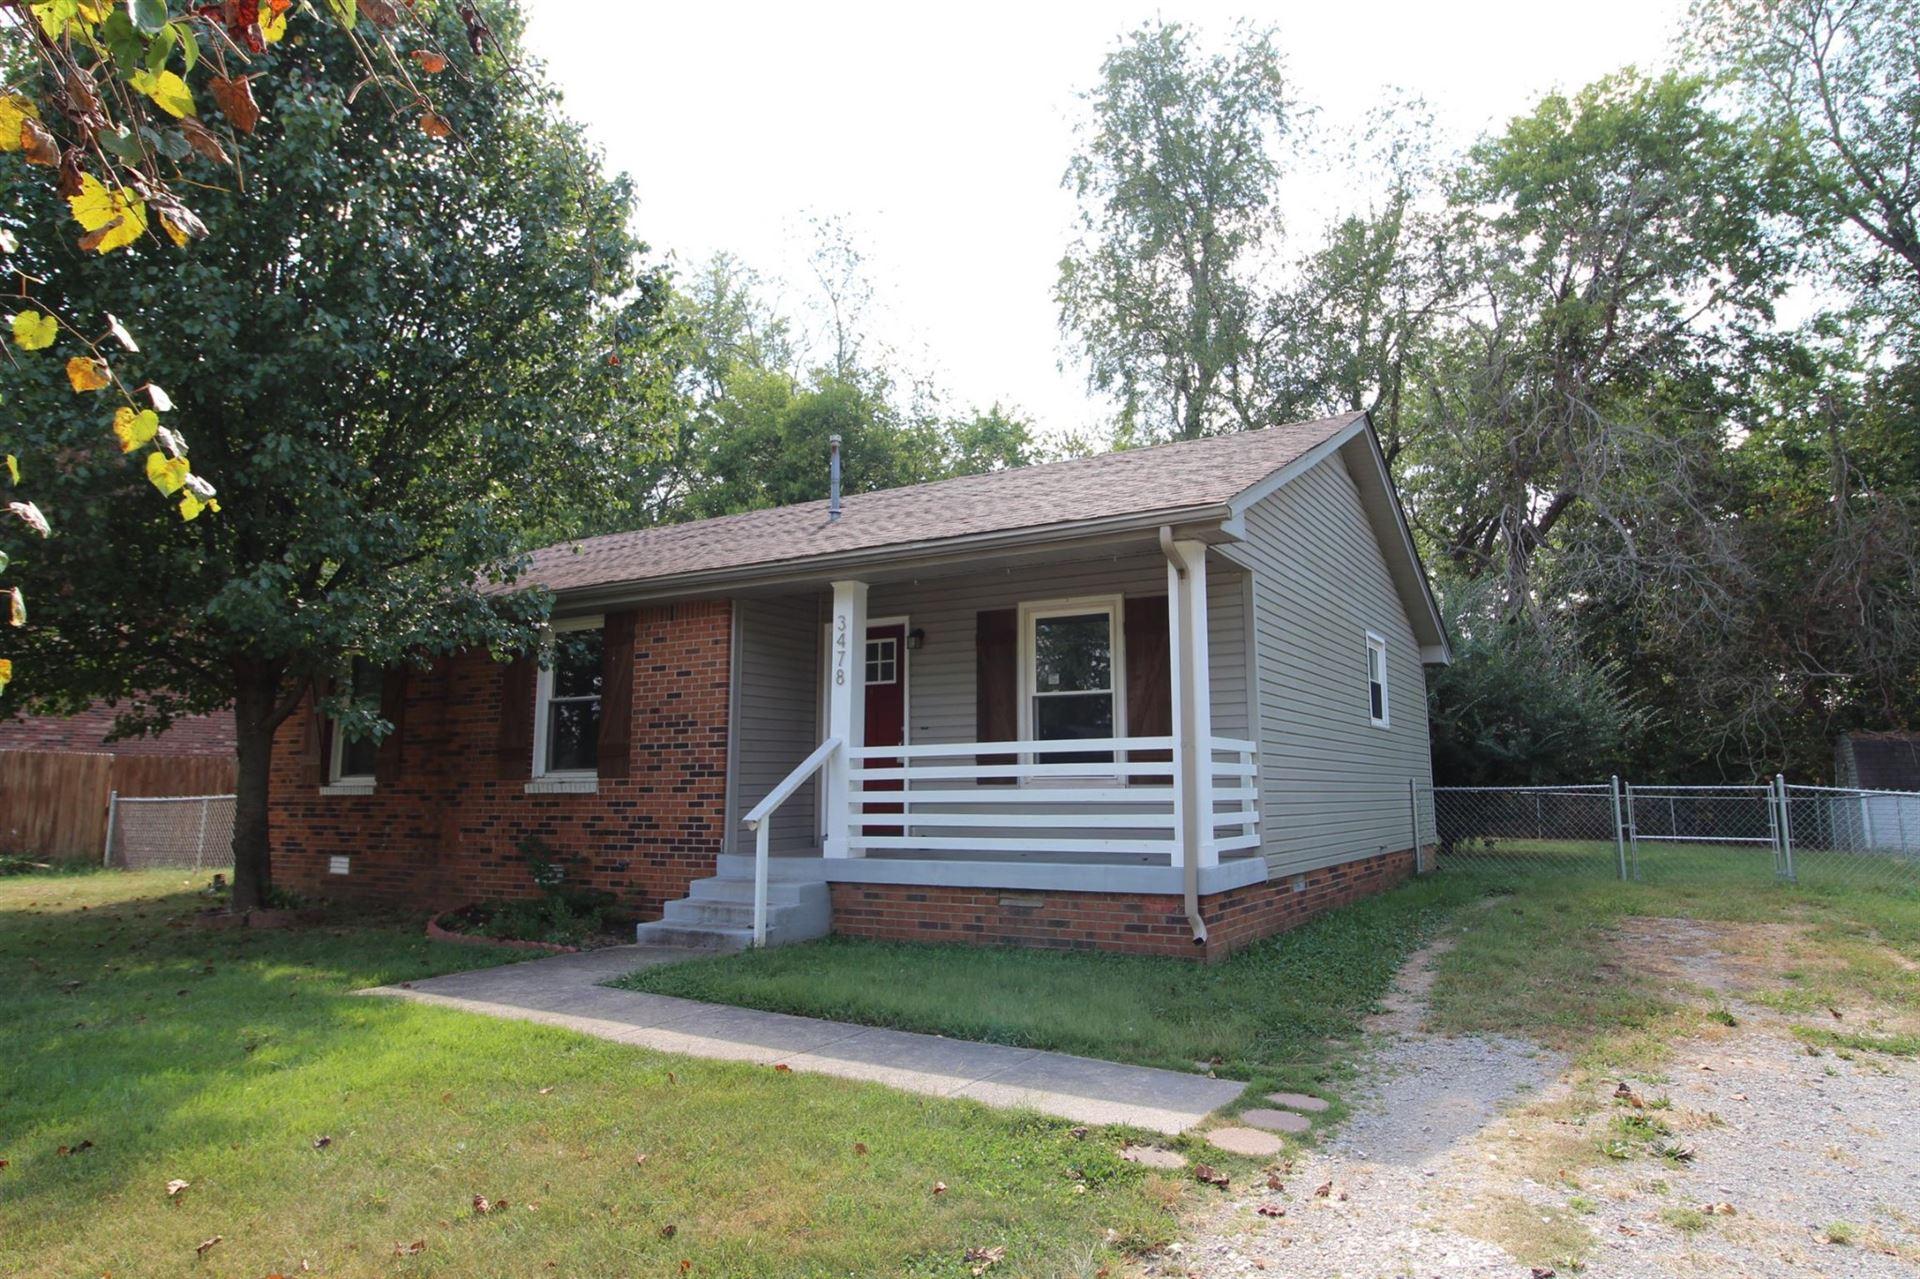 3478 Arvin Dr, Clarksville, TN 37042 - MLS#: 2198830